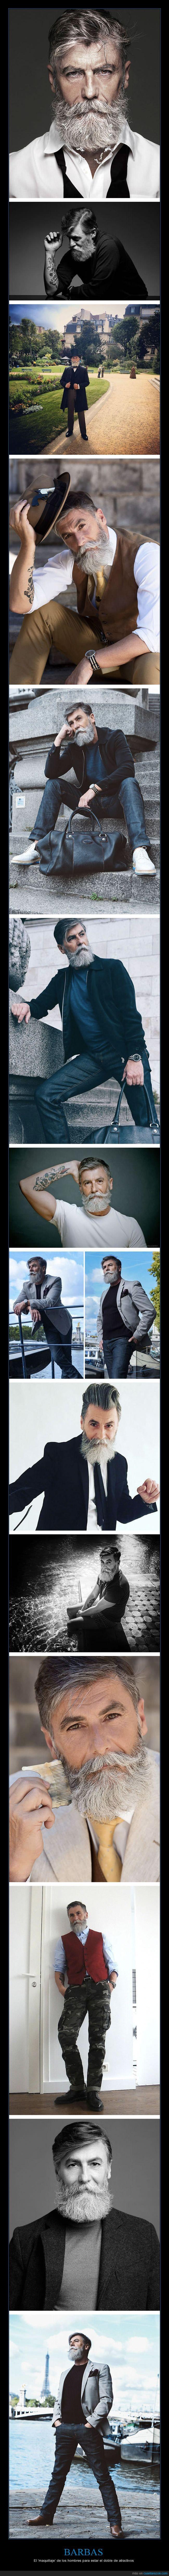 barba,hombre,modelo,sesentón